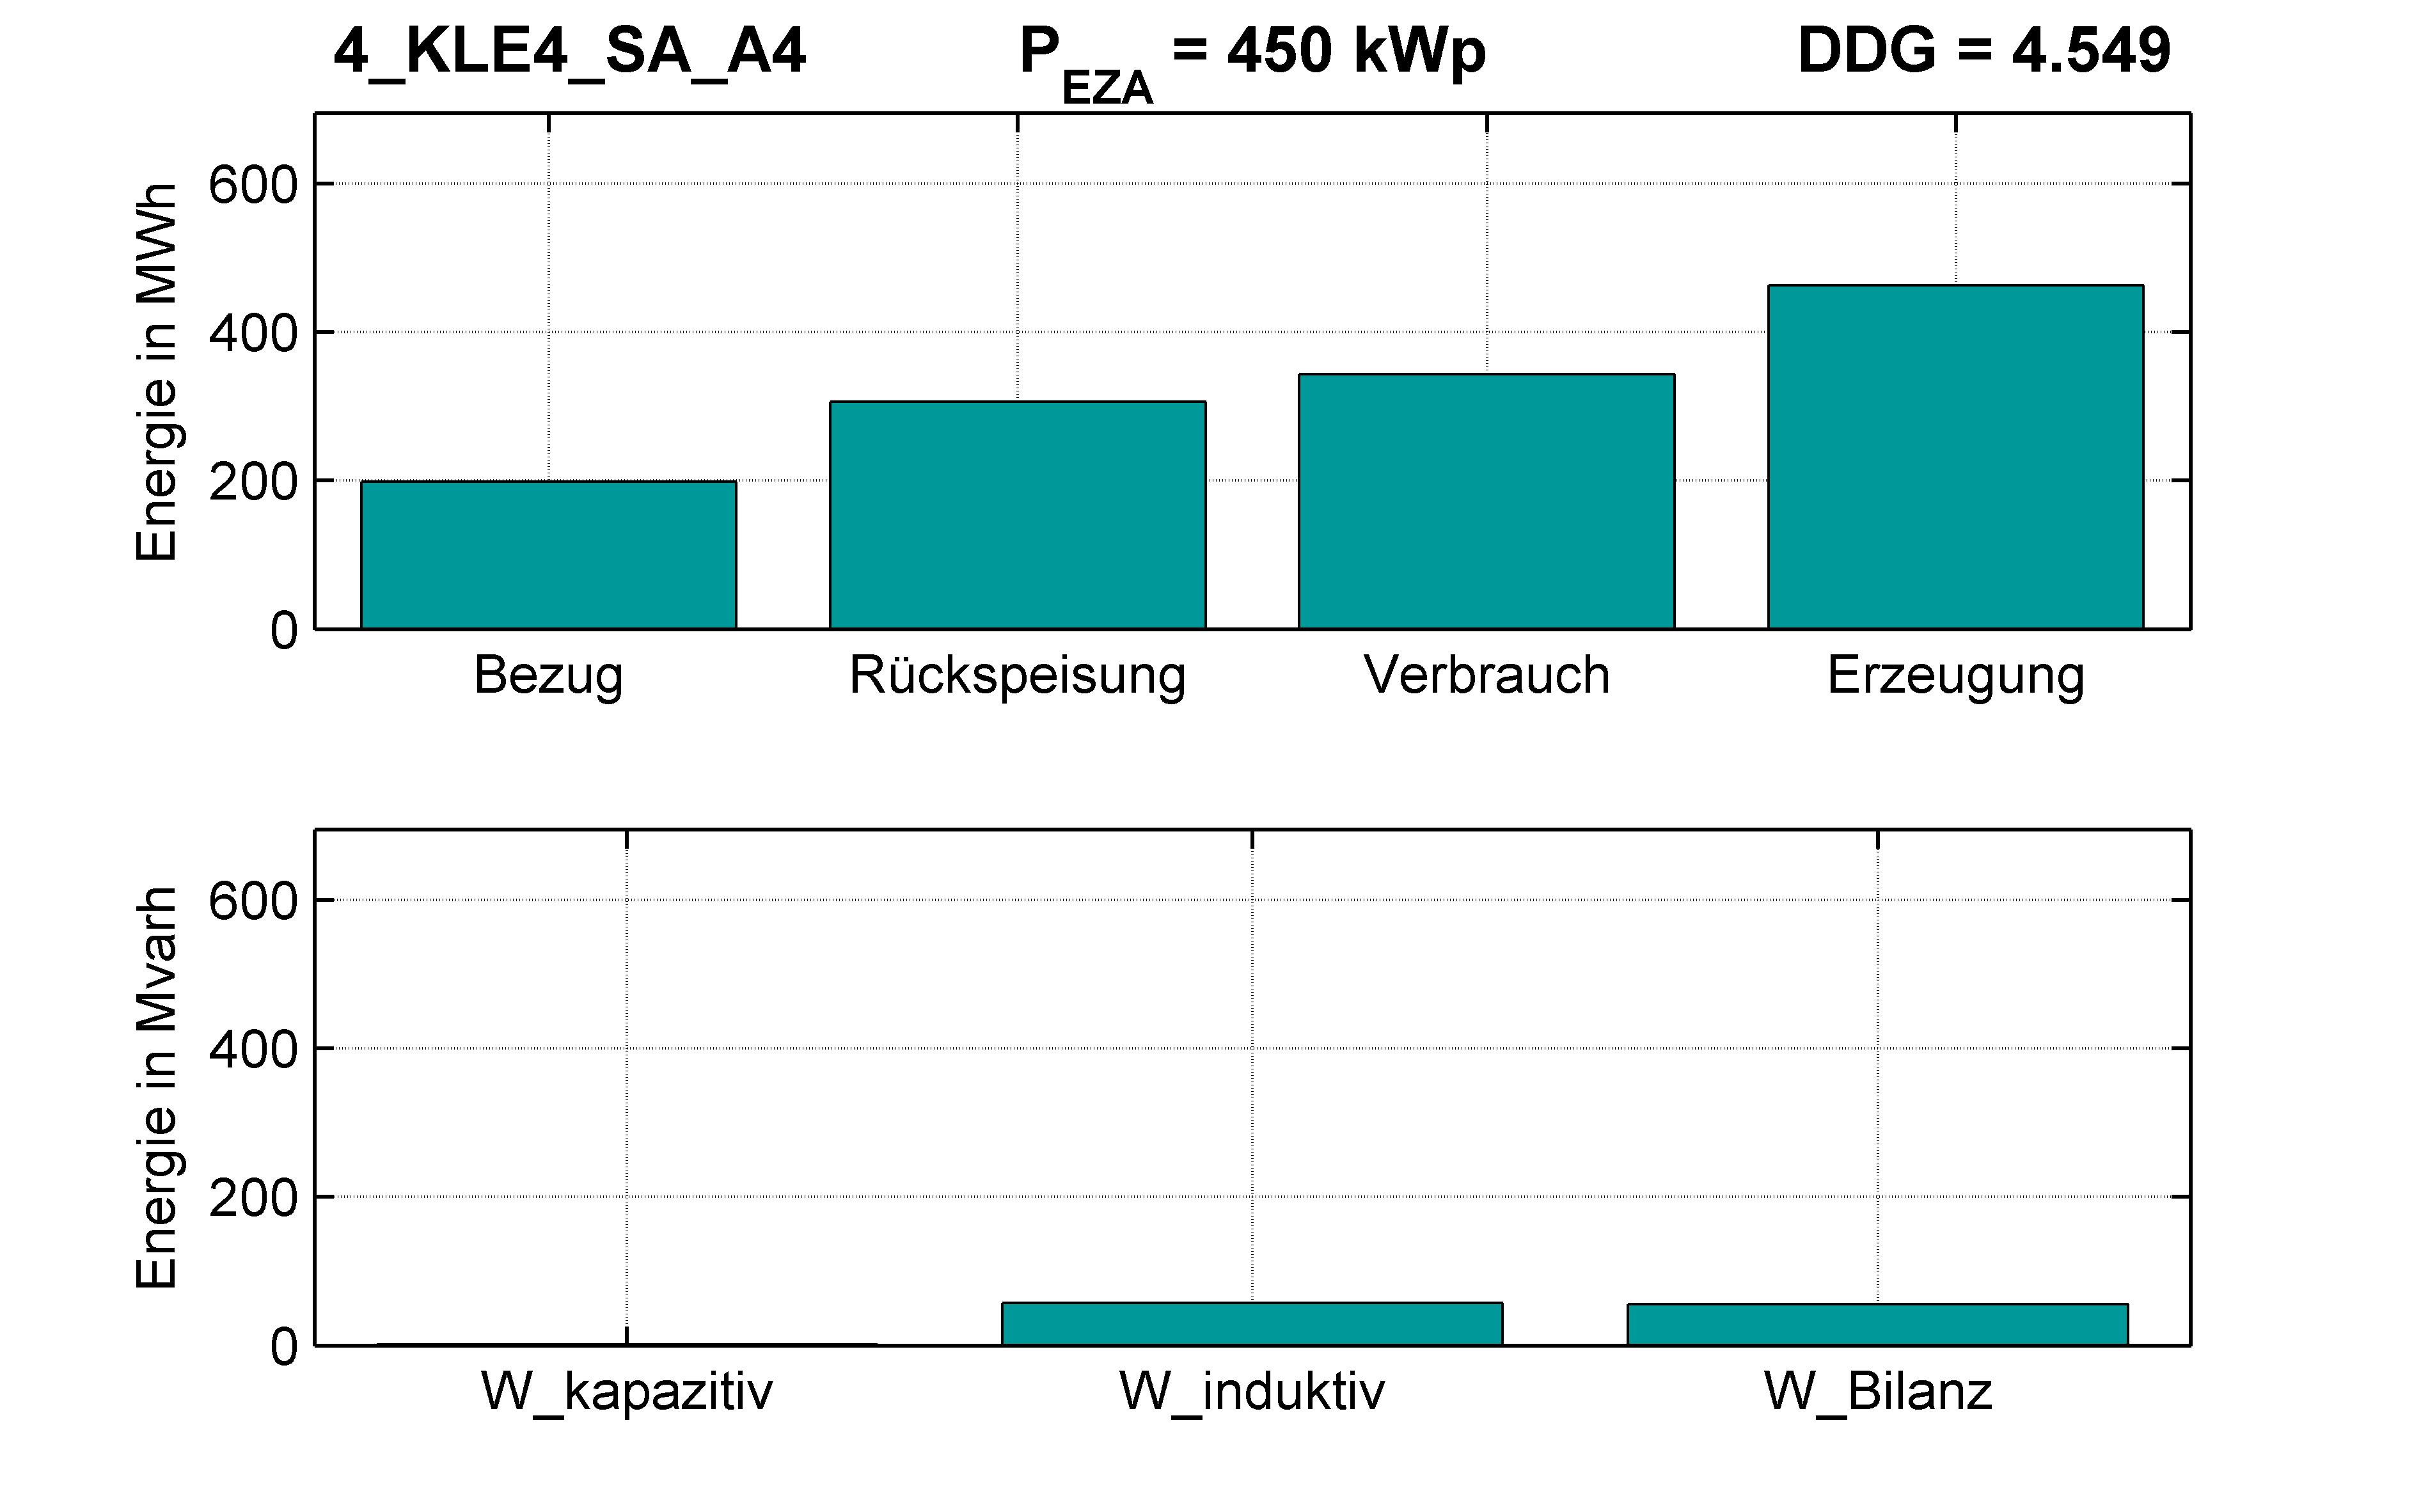 KLE4 | P-Kappung 55% (SA) A4 | PQ-Bilanz